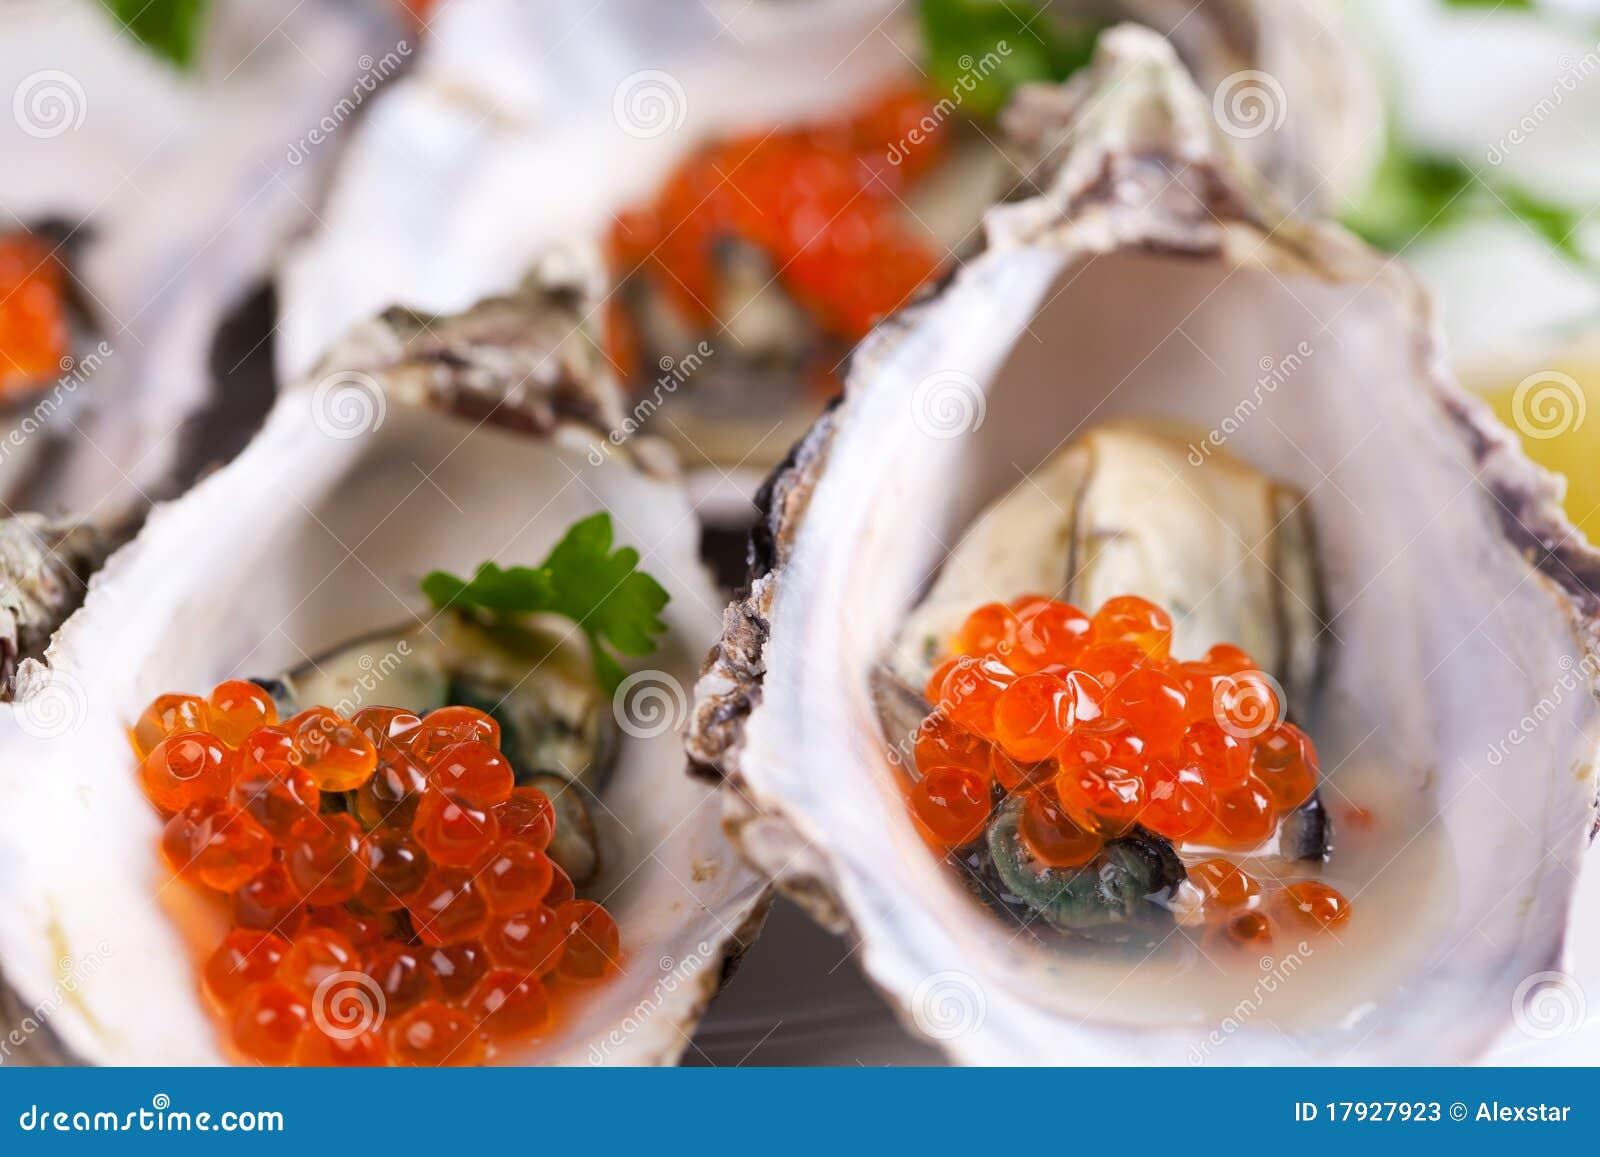 Caviar vermelho em escudos de ostra